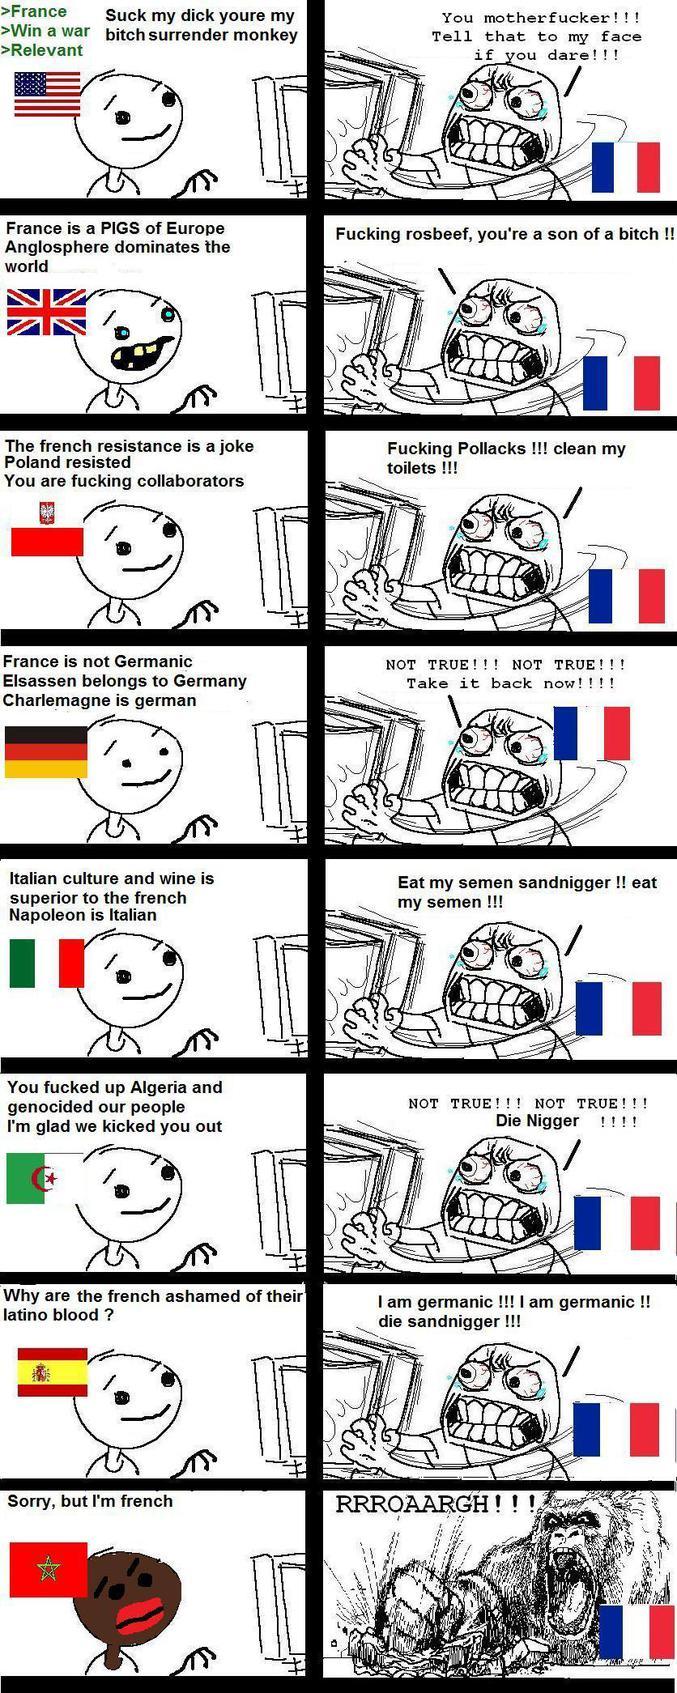 sur les Français.